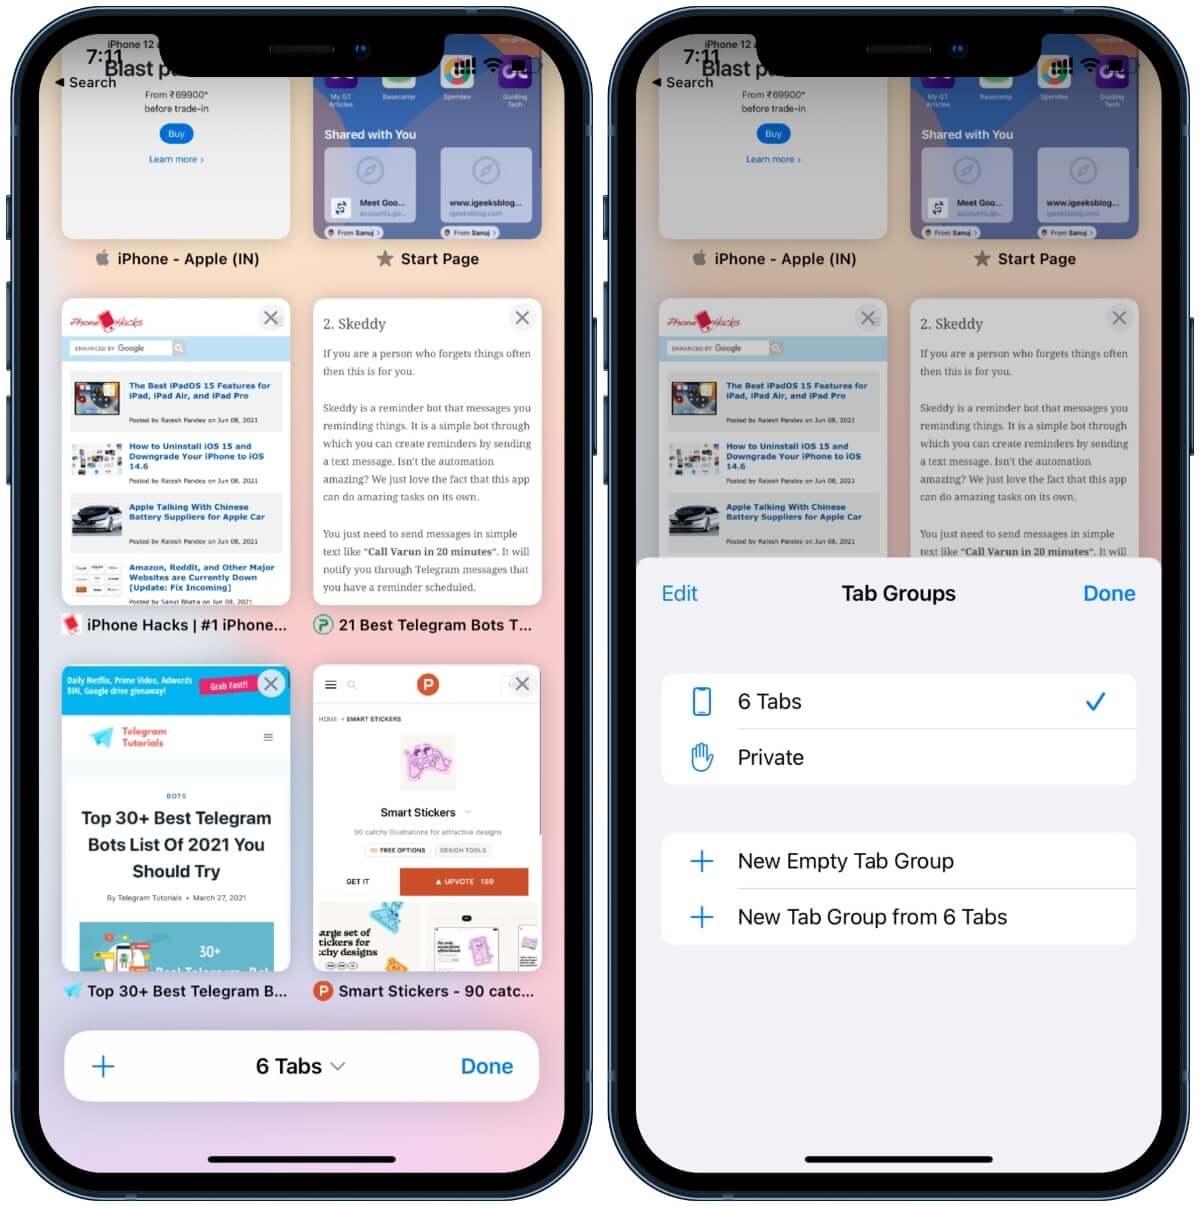 Tab-Gruppen in Safari iOS 15